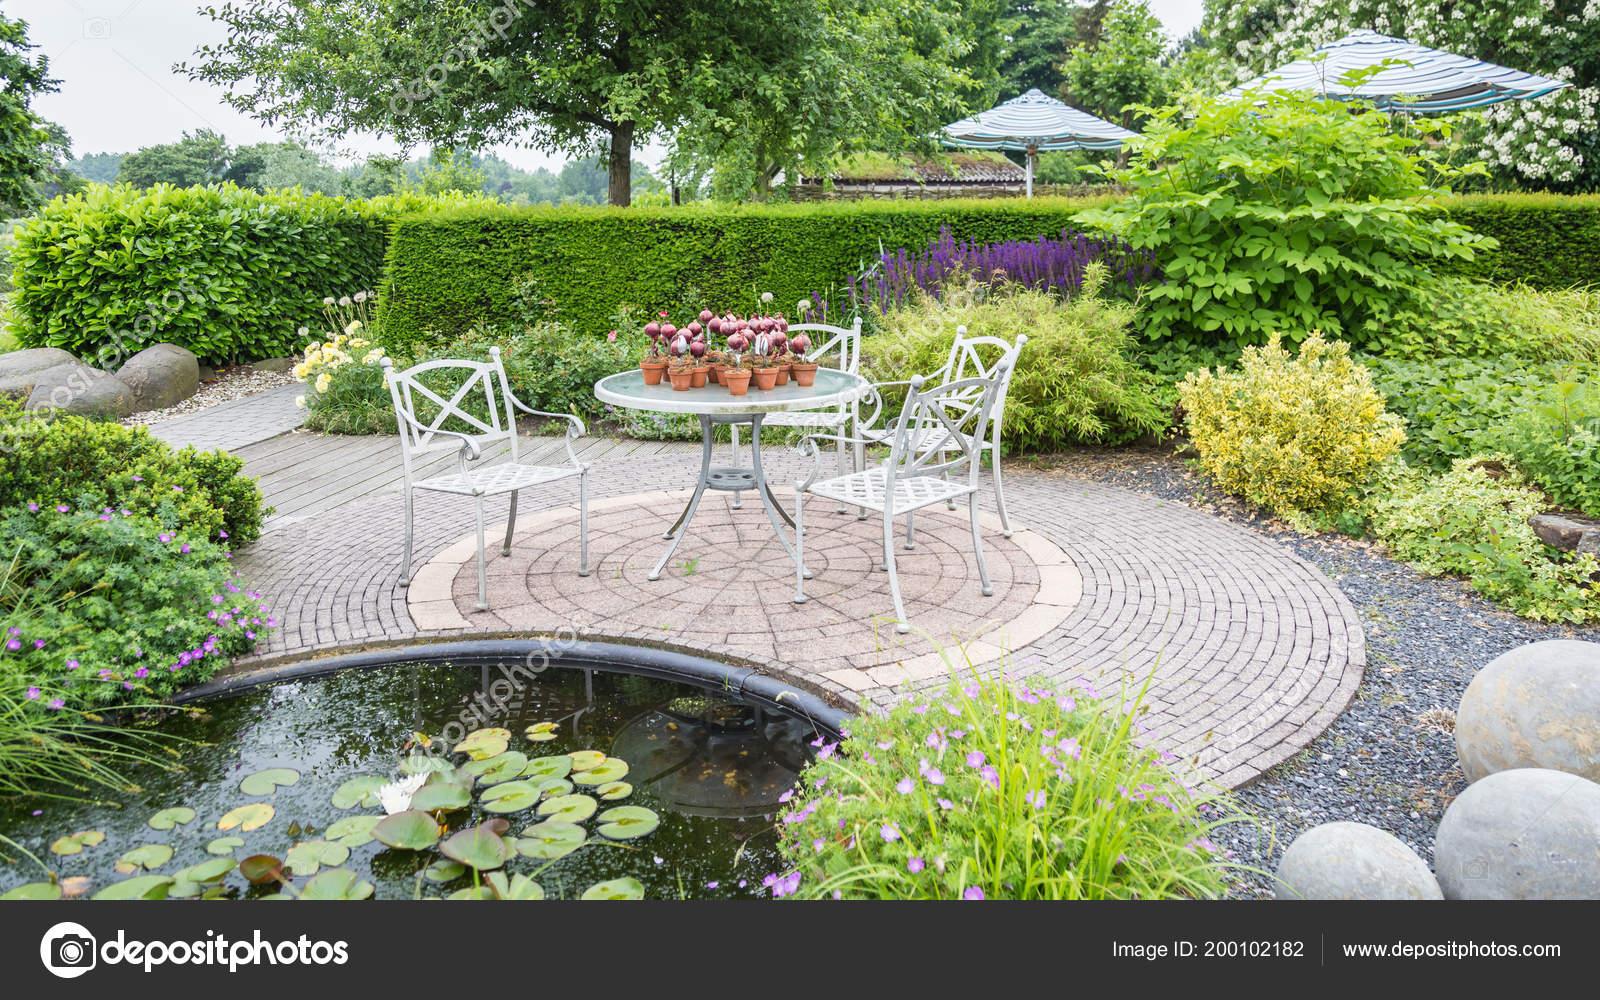 Gartengestaltung Mit Teich Und Terrasse Stockfoto C Photoweges